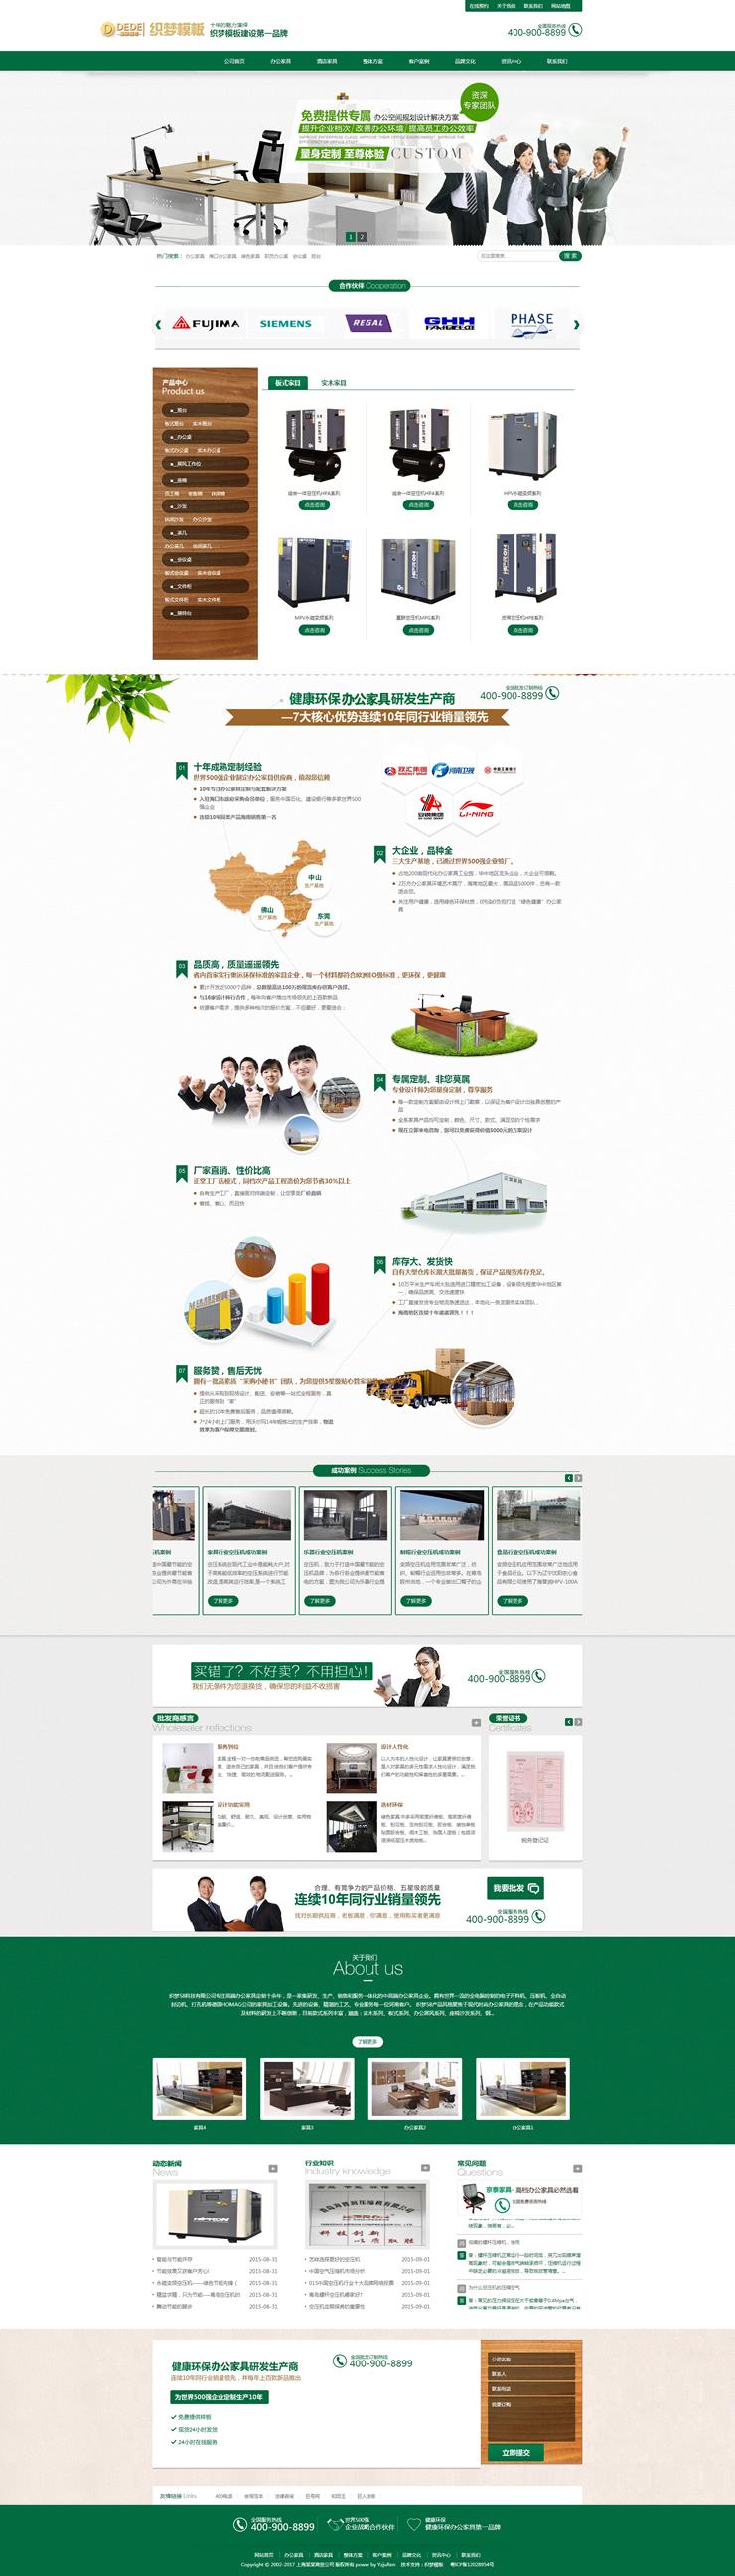 绿色办公家居家具营销类企业通用网站织梦模板